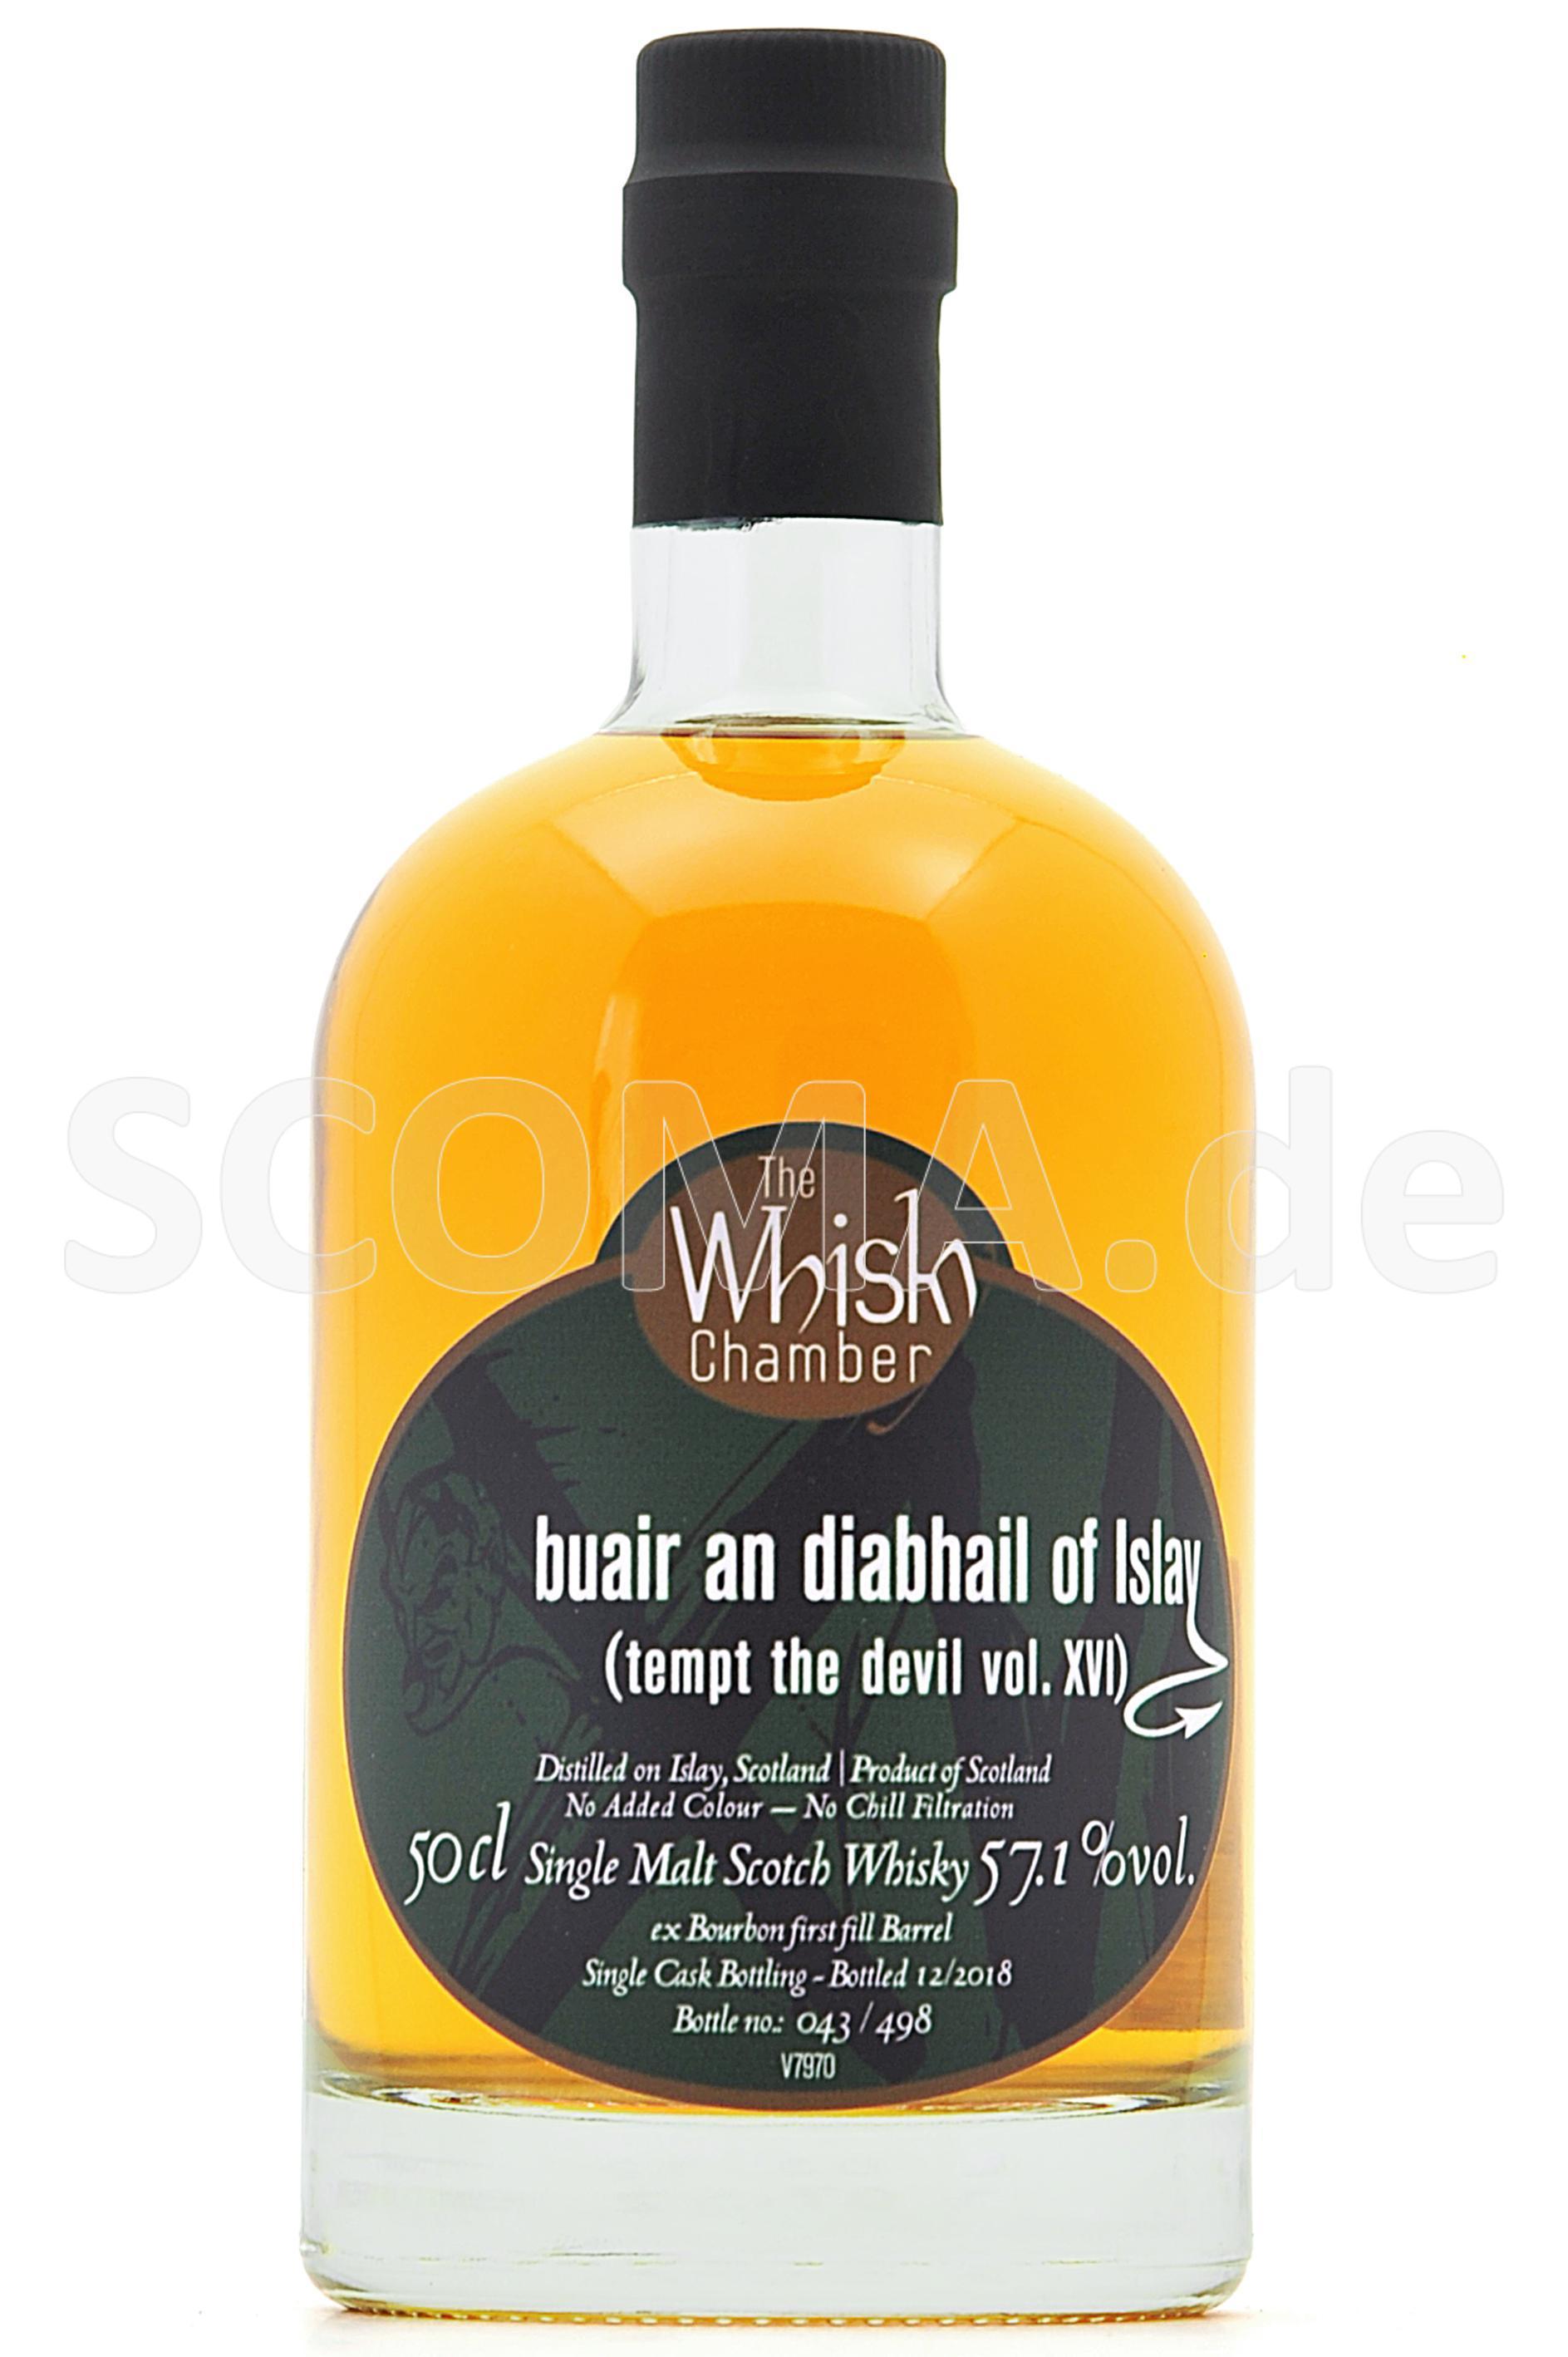 Buair an diabhail of Islay